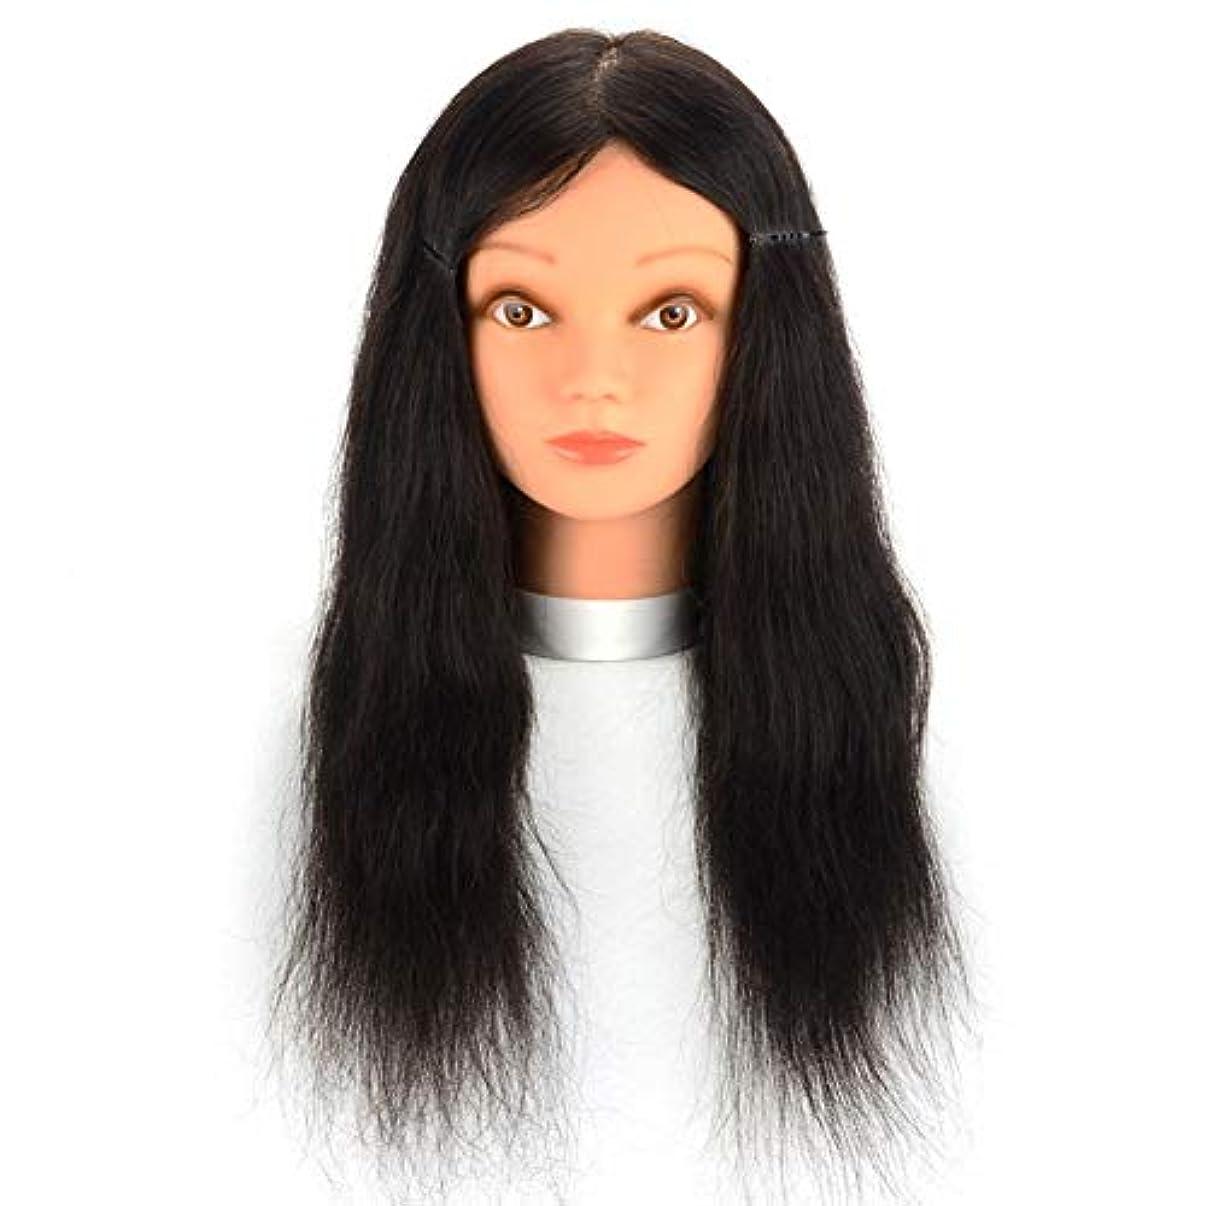 驚いたことに神経リーフレットリアルヘアマネキンヘッド理髪店パーマ髪染色練習かつらヘッドモデルメイクアップヘアカット練習ダミーヘッド,16inches